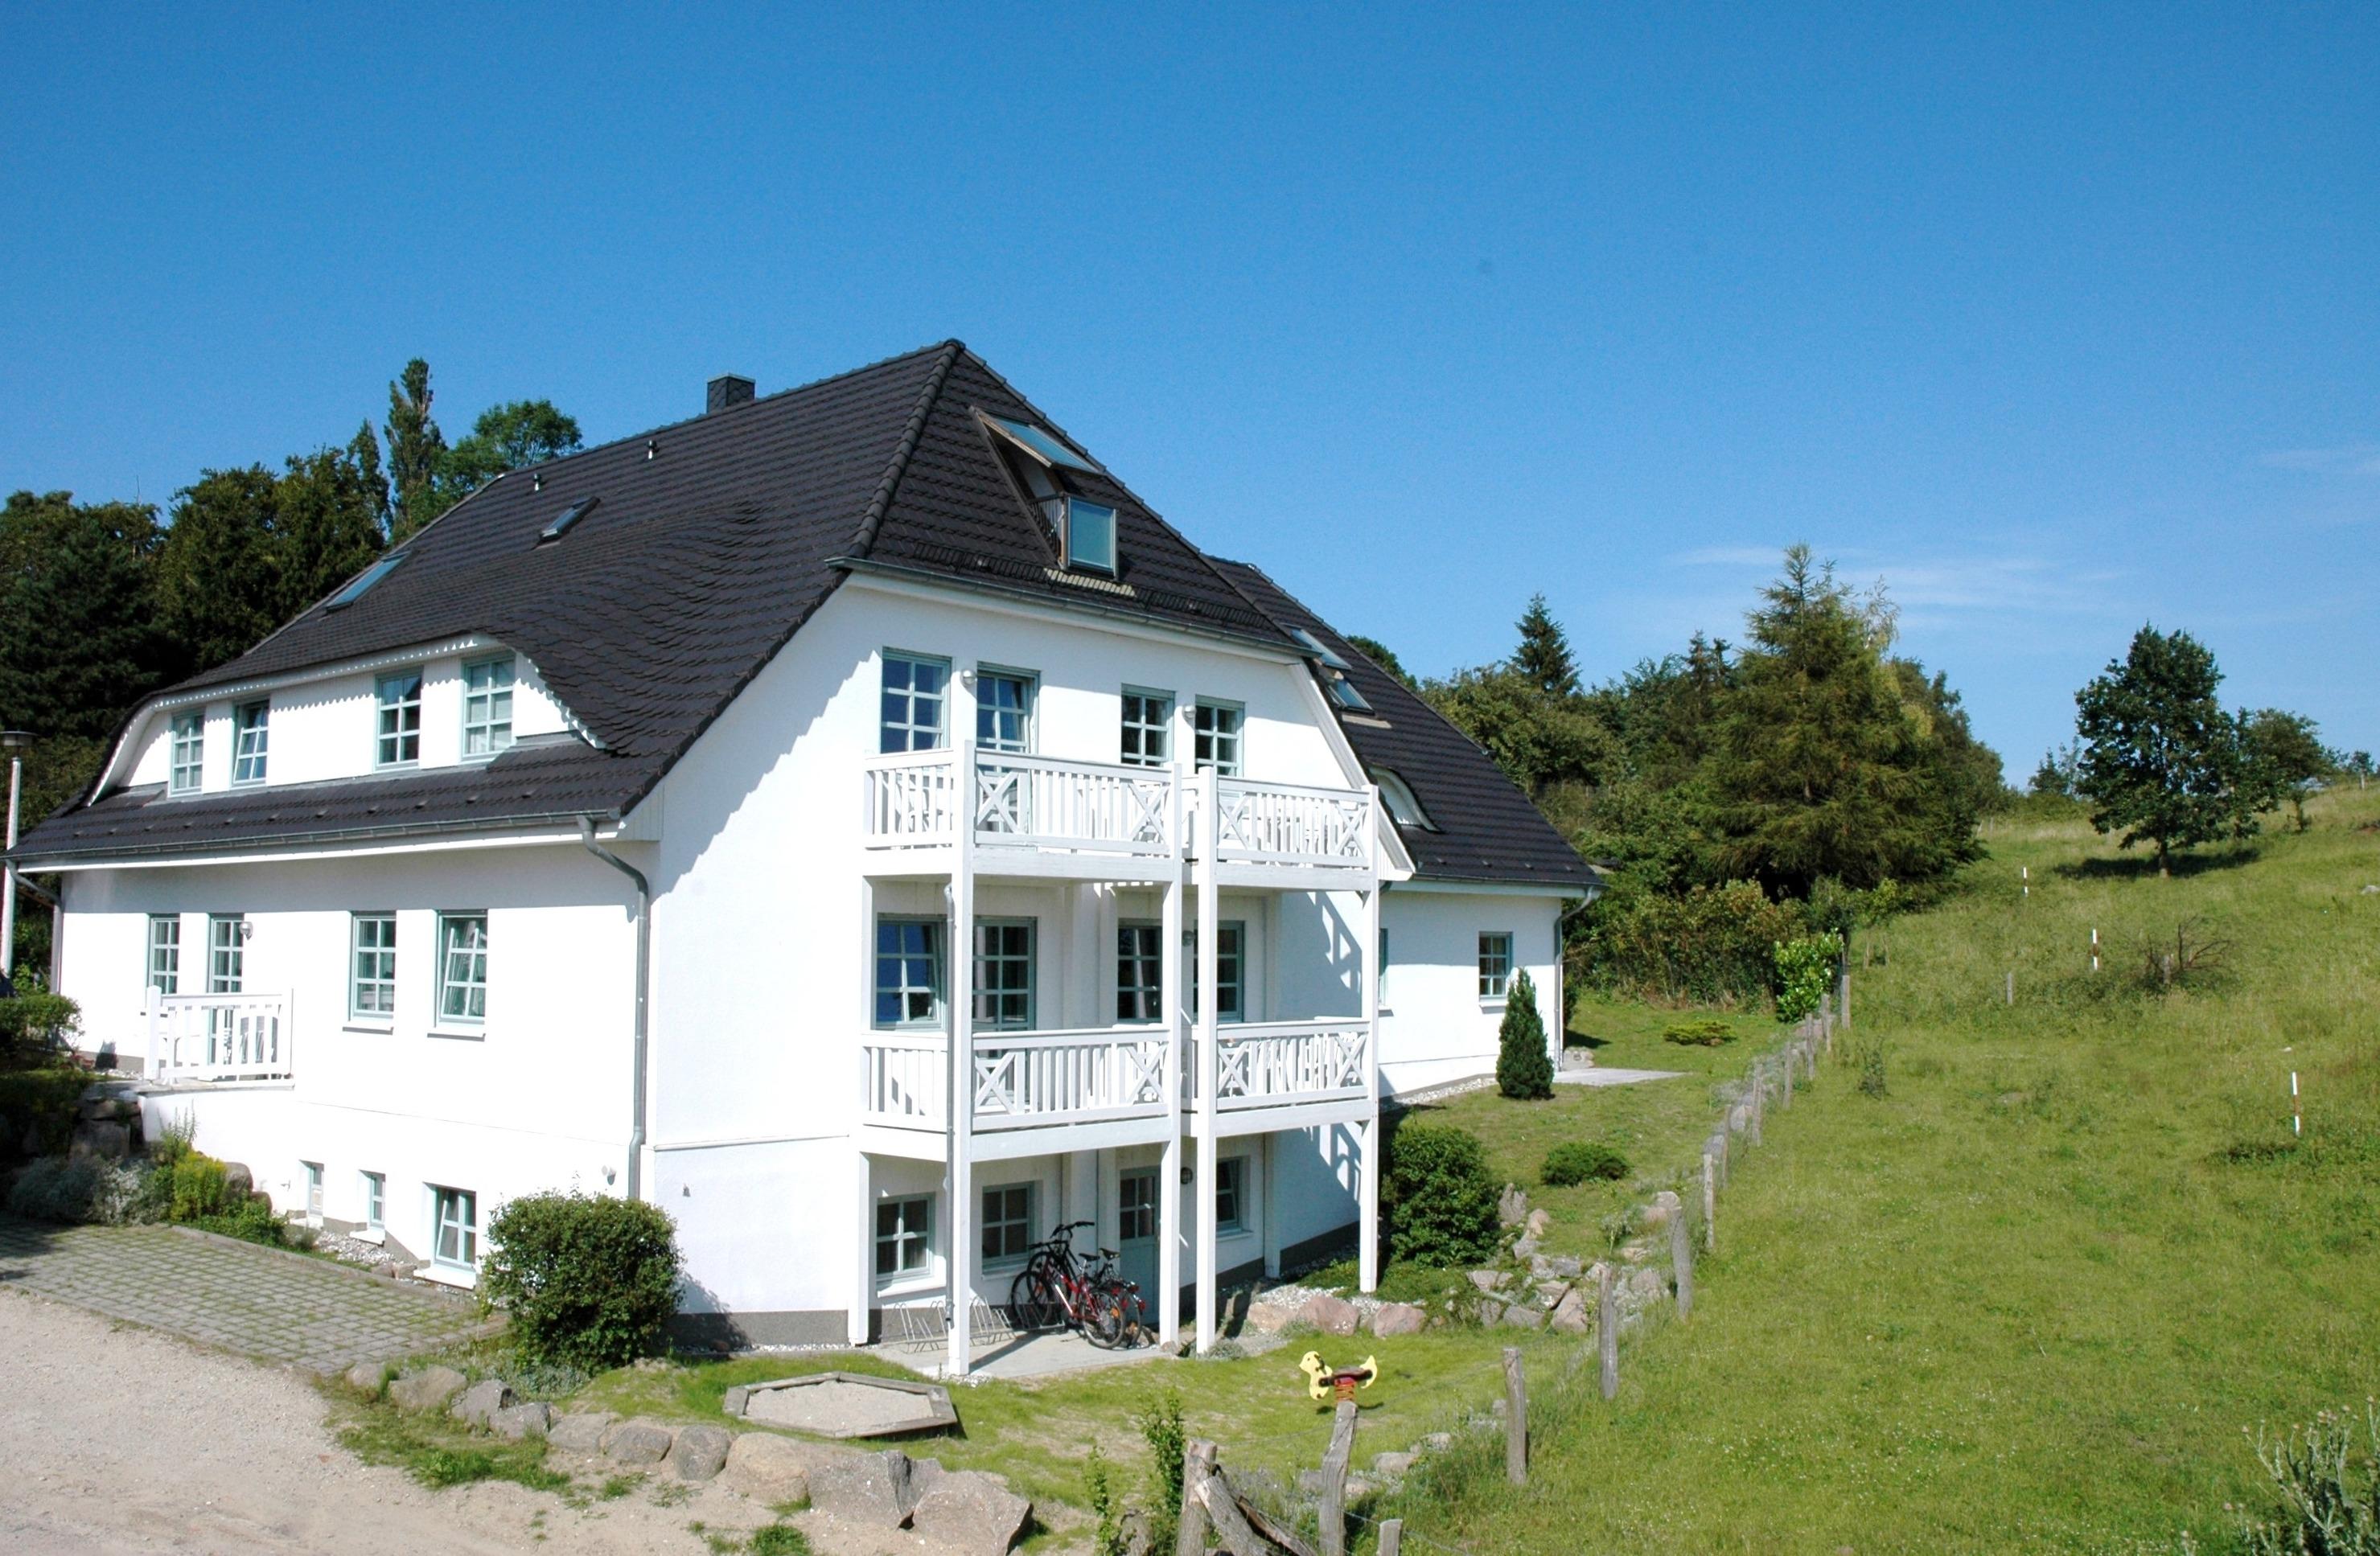 Ferienwohnung Südstrand ,Meerblick Schwimmbadnutzung, 2 Räder inklusive,Sauna (2568190), Göhren, Rügen, Mecklenburg-Vorpommern, Deutschland, Bild 11